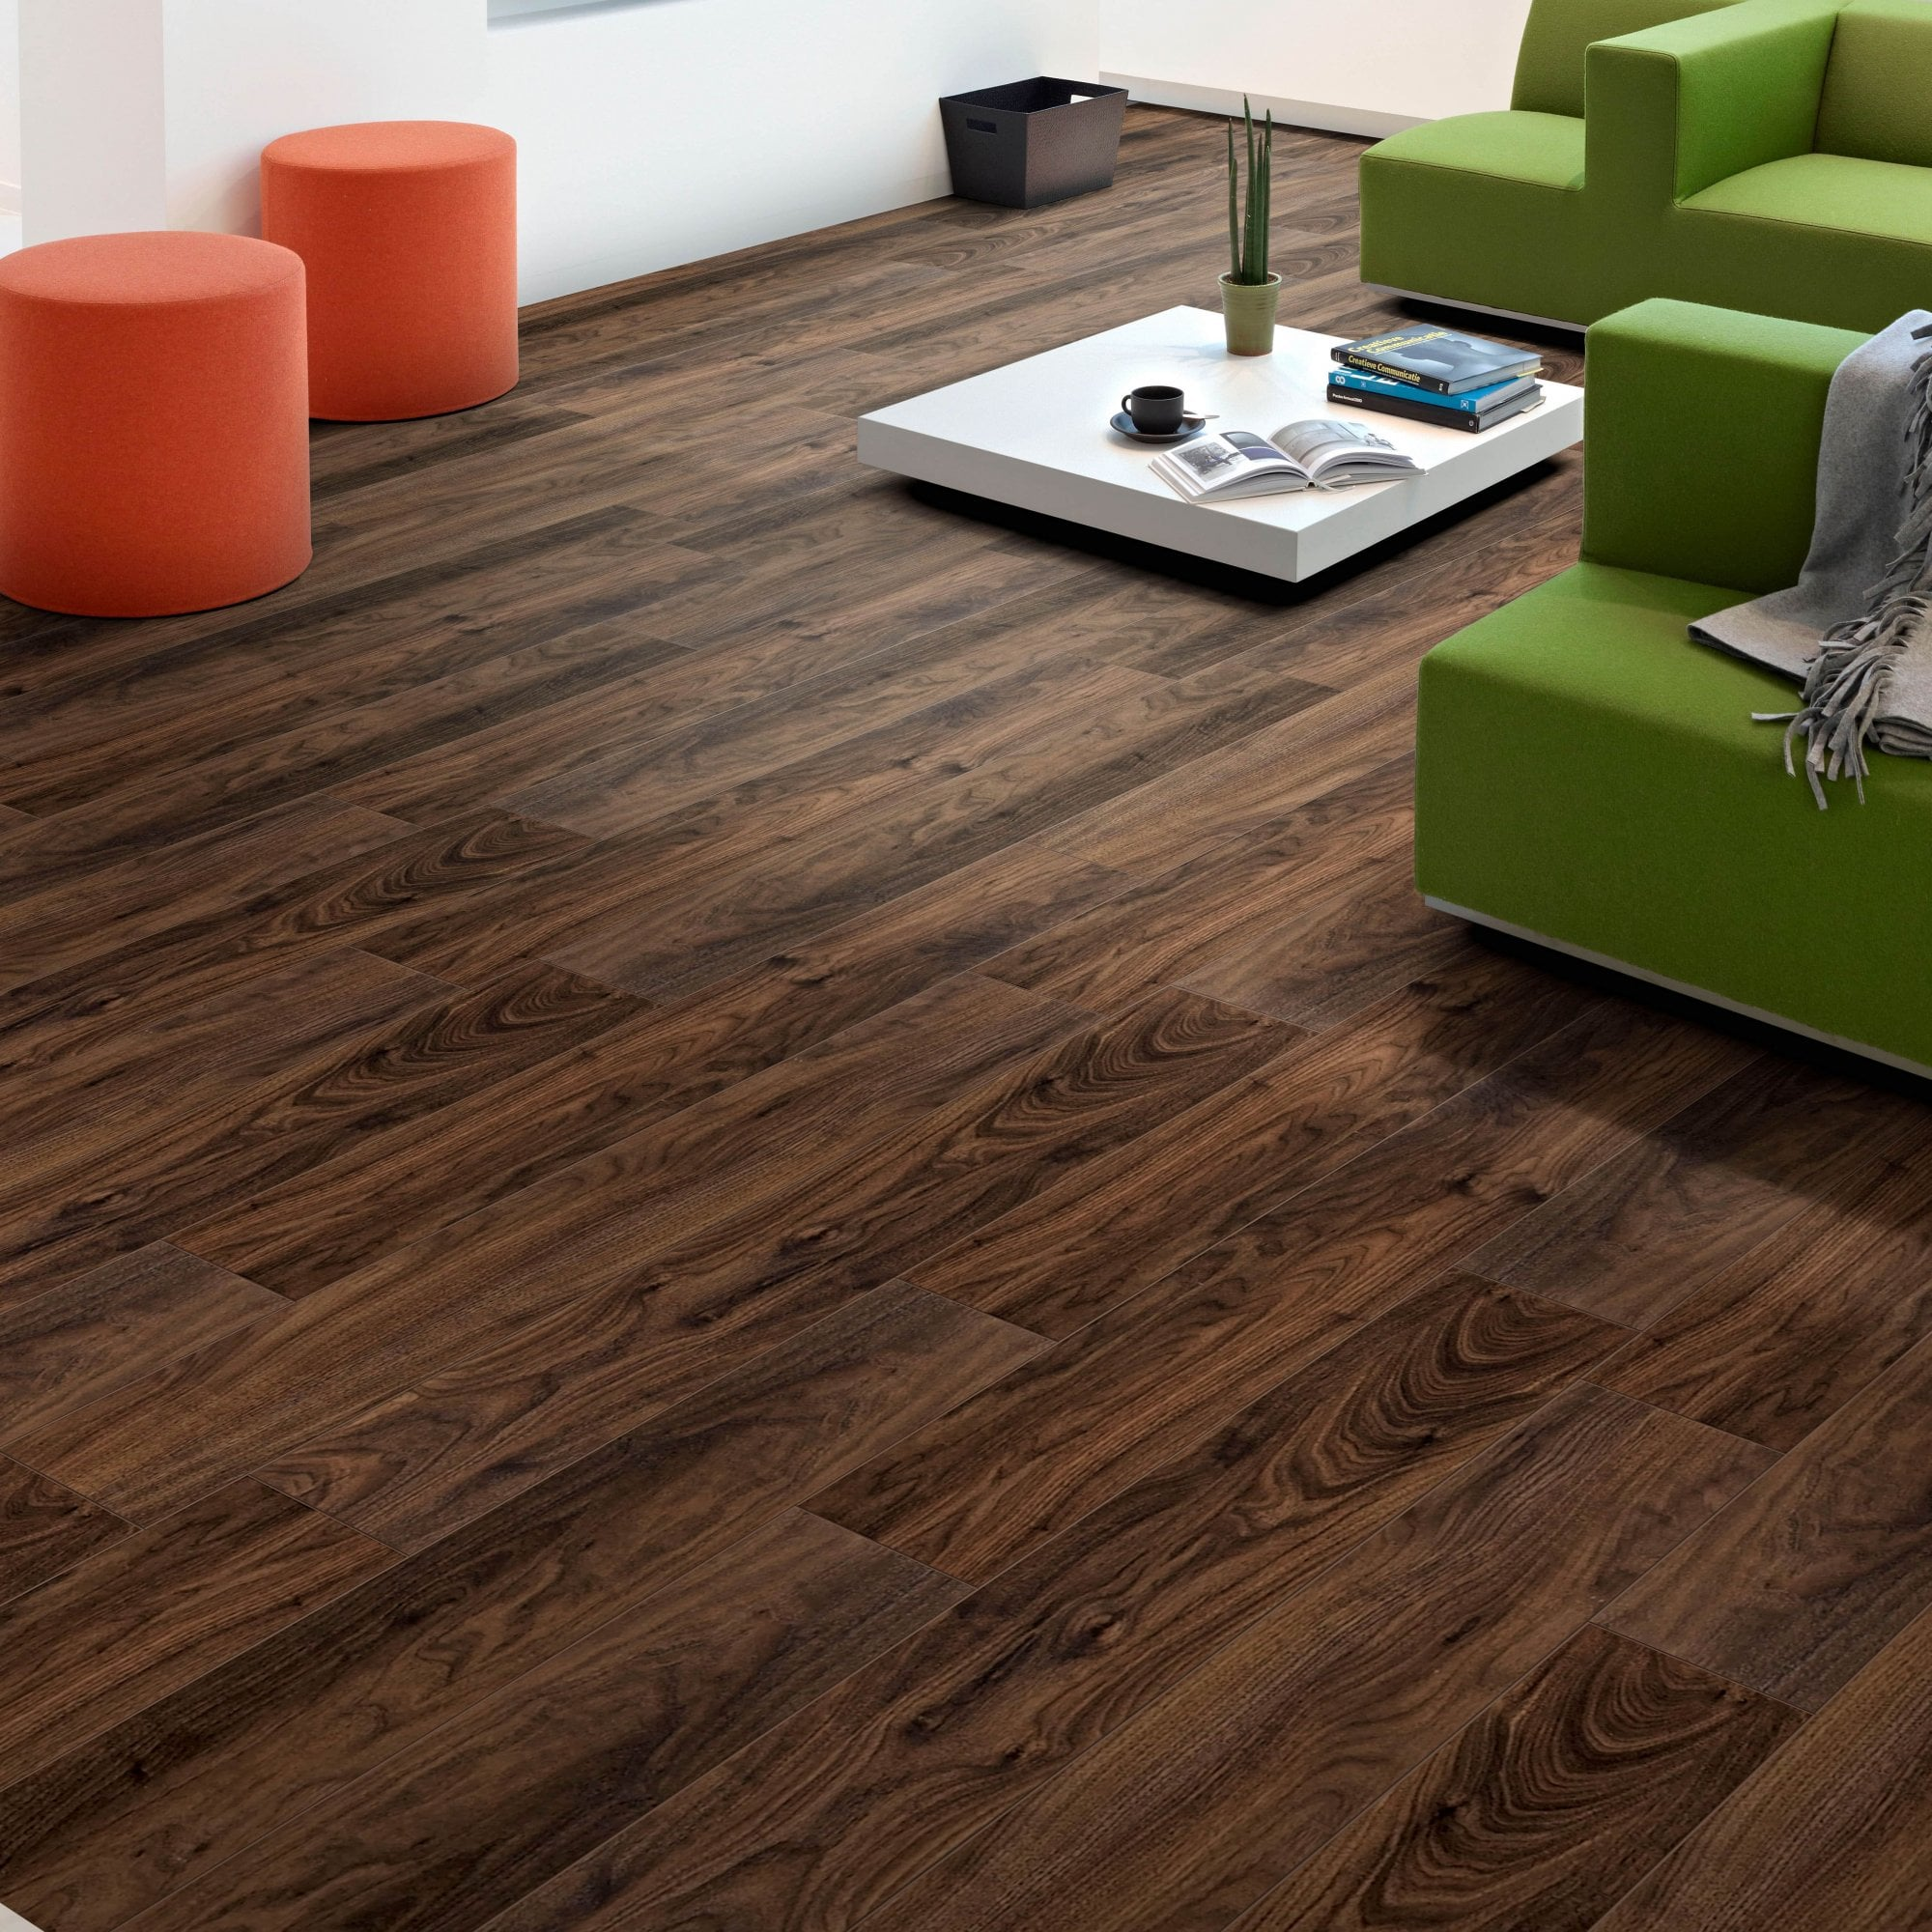 Aqua Valley Walnut Flooring, Valley Walnut Laminate Flooring